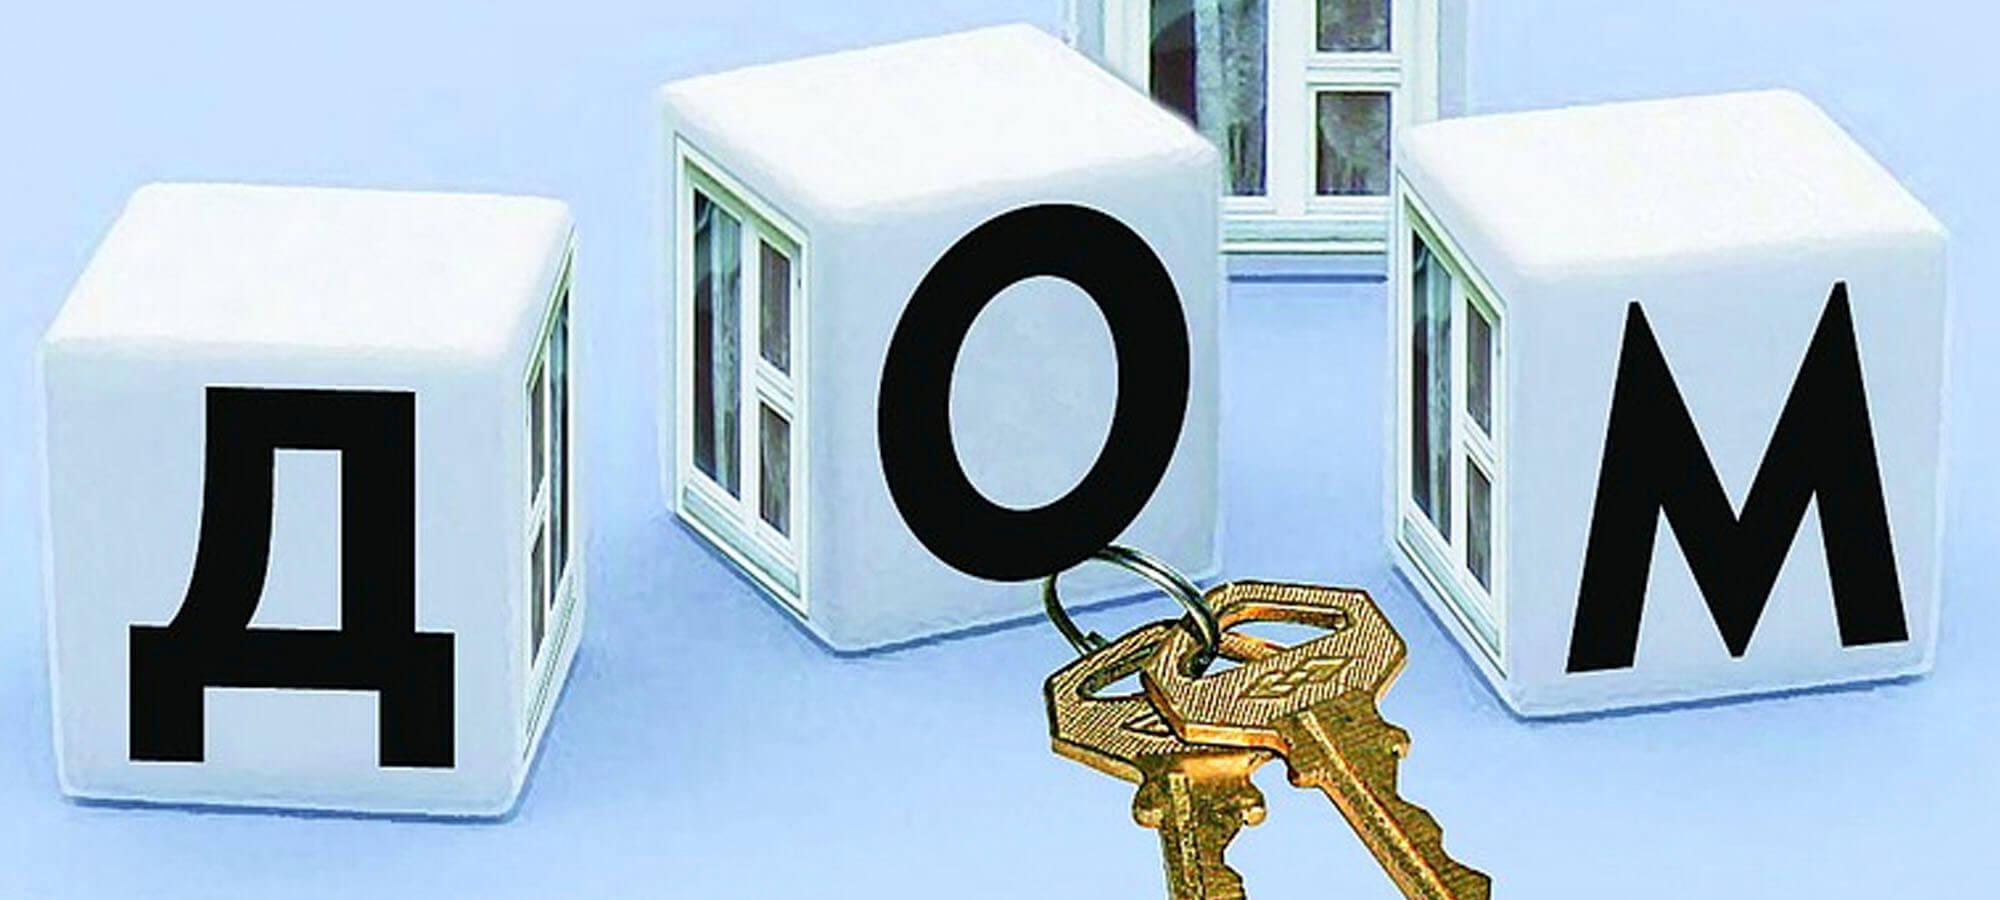 Эпоха низких ставок по ипотеке